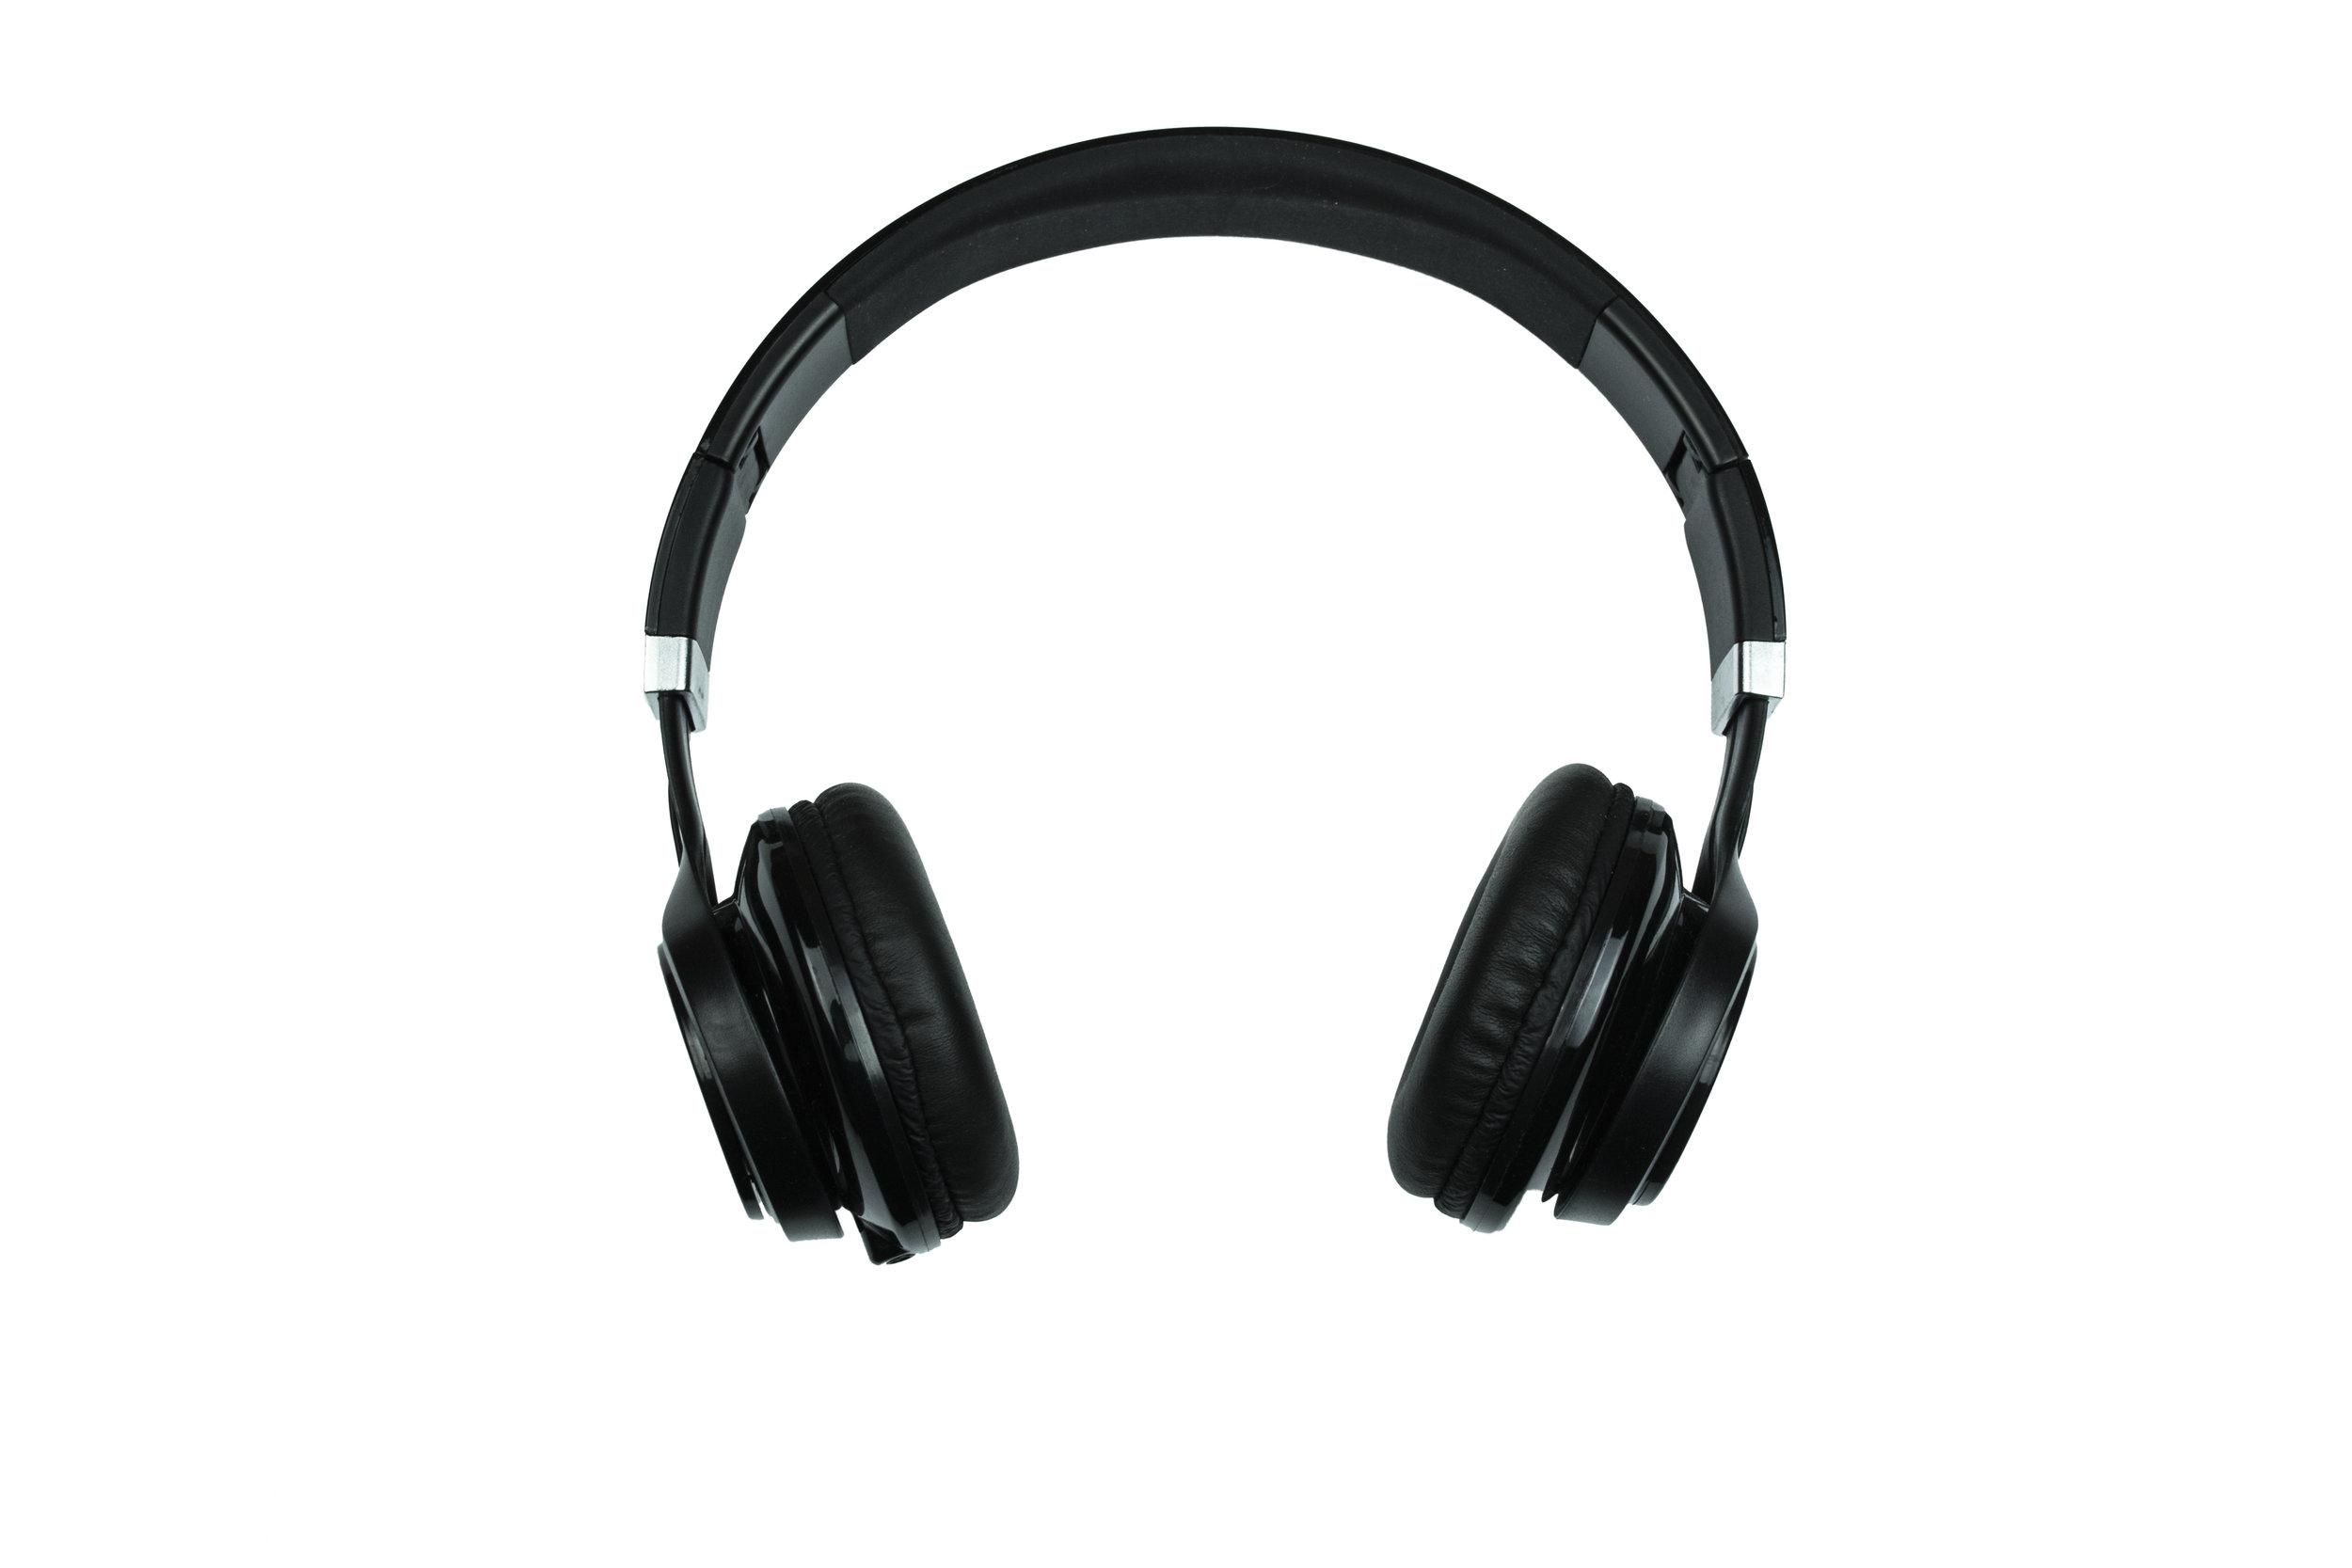 090379733-music-headphone-white-backgrou.jpeg